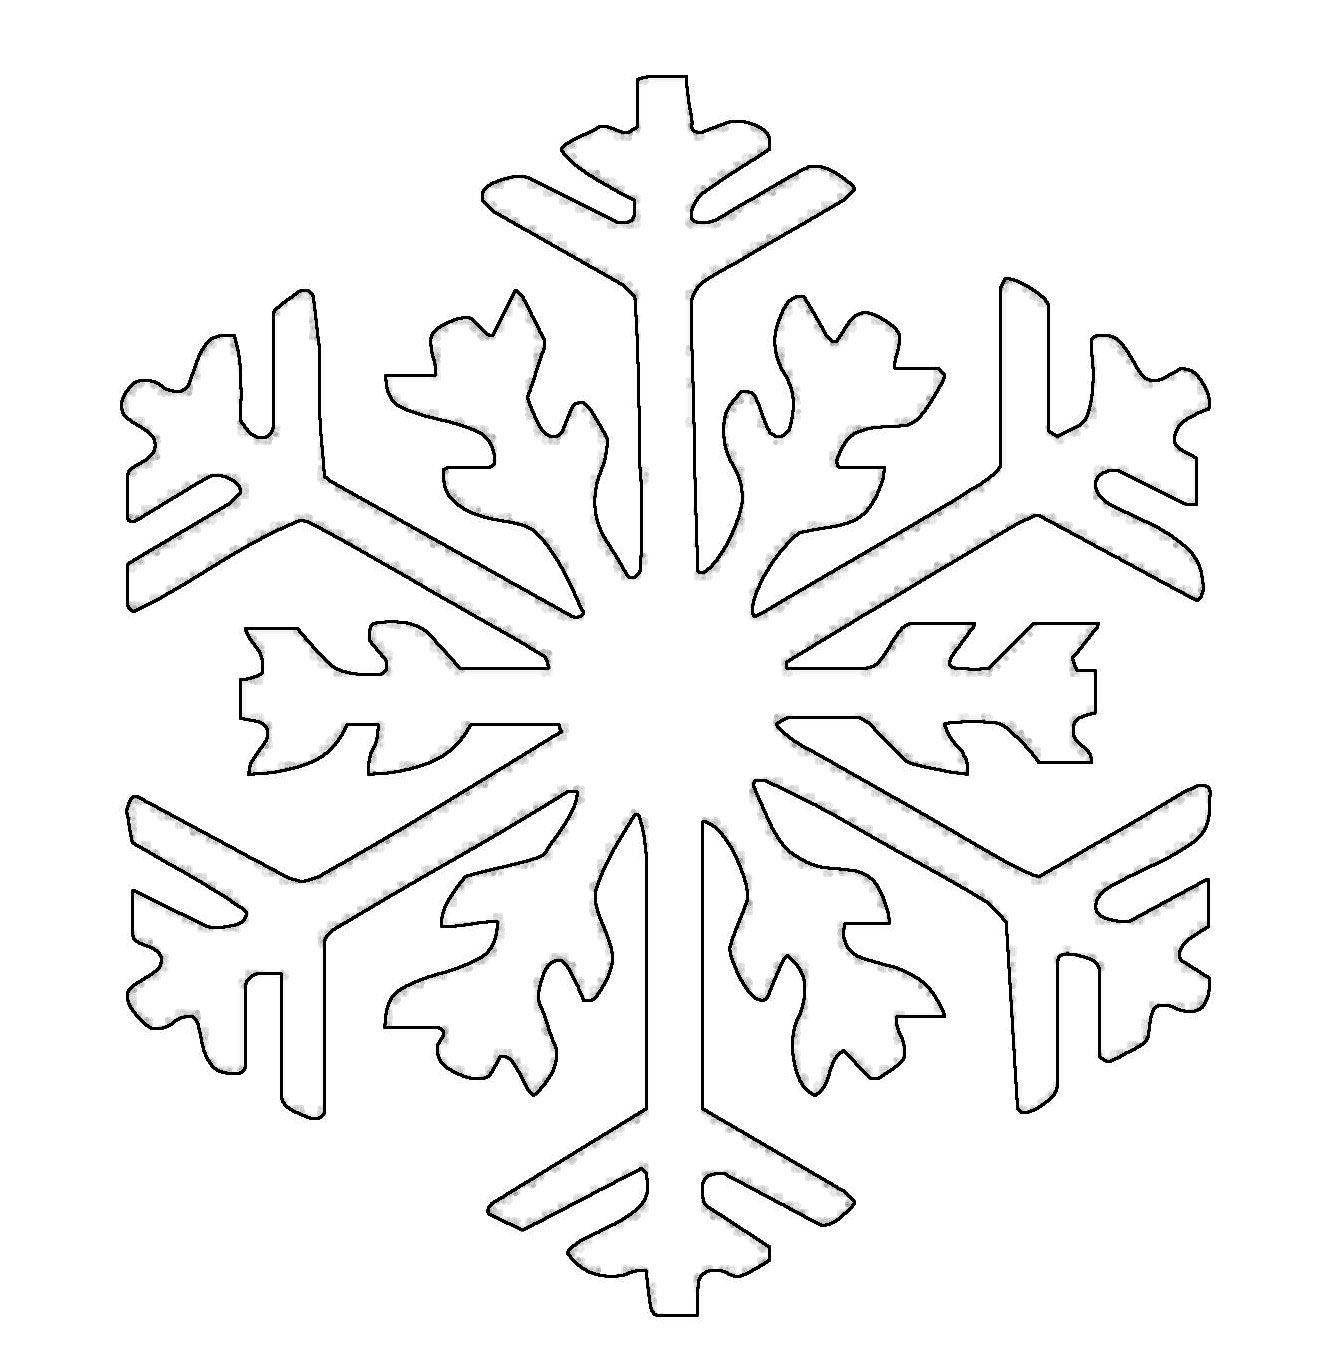 Malvorlagen Weihnachten Fensterbilder Einzigartig Biokotor Part 21 Stock